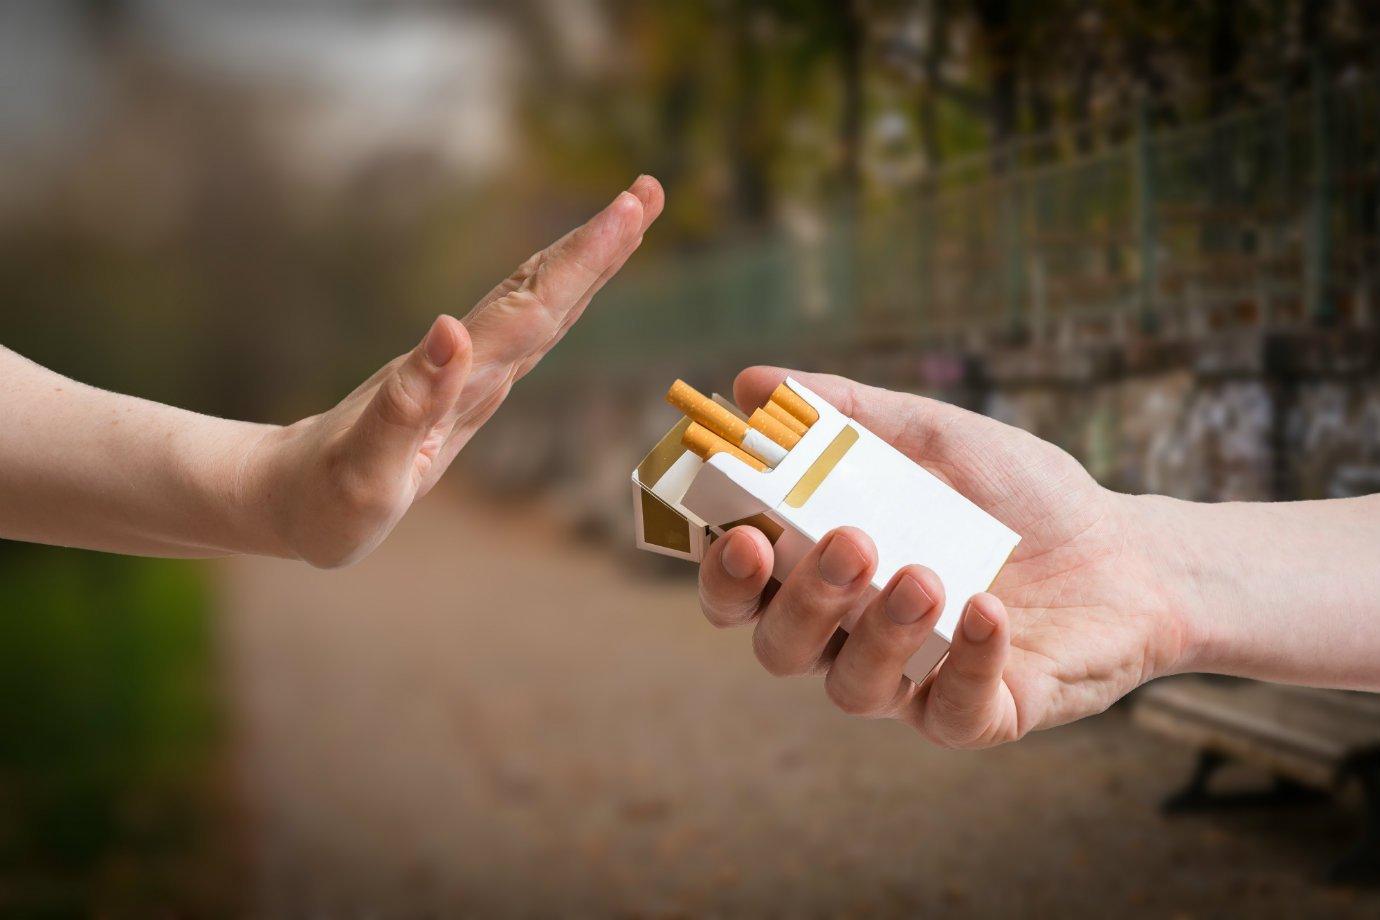 Pessoa recusa oferta de cigarro: não-fumante